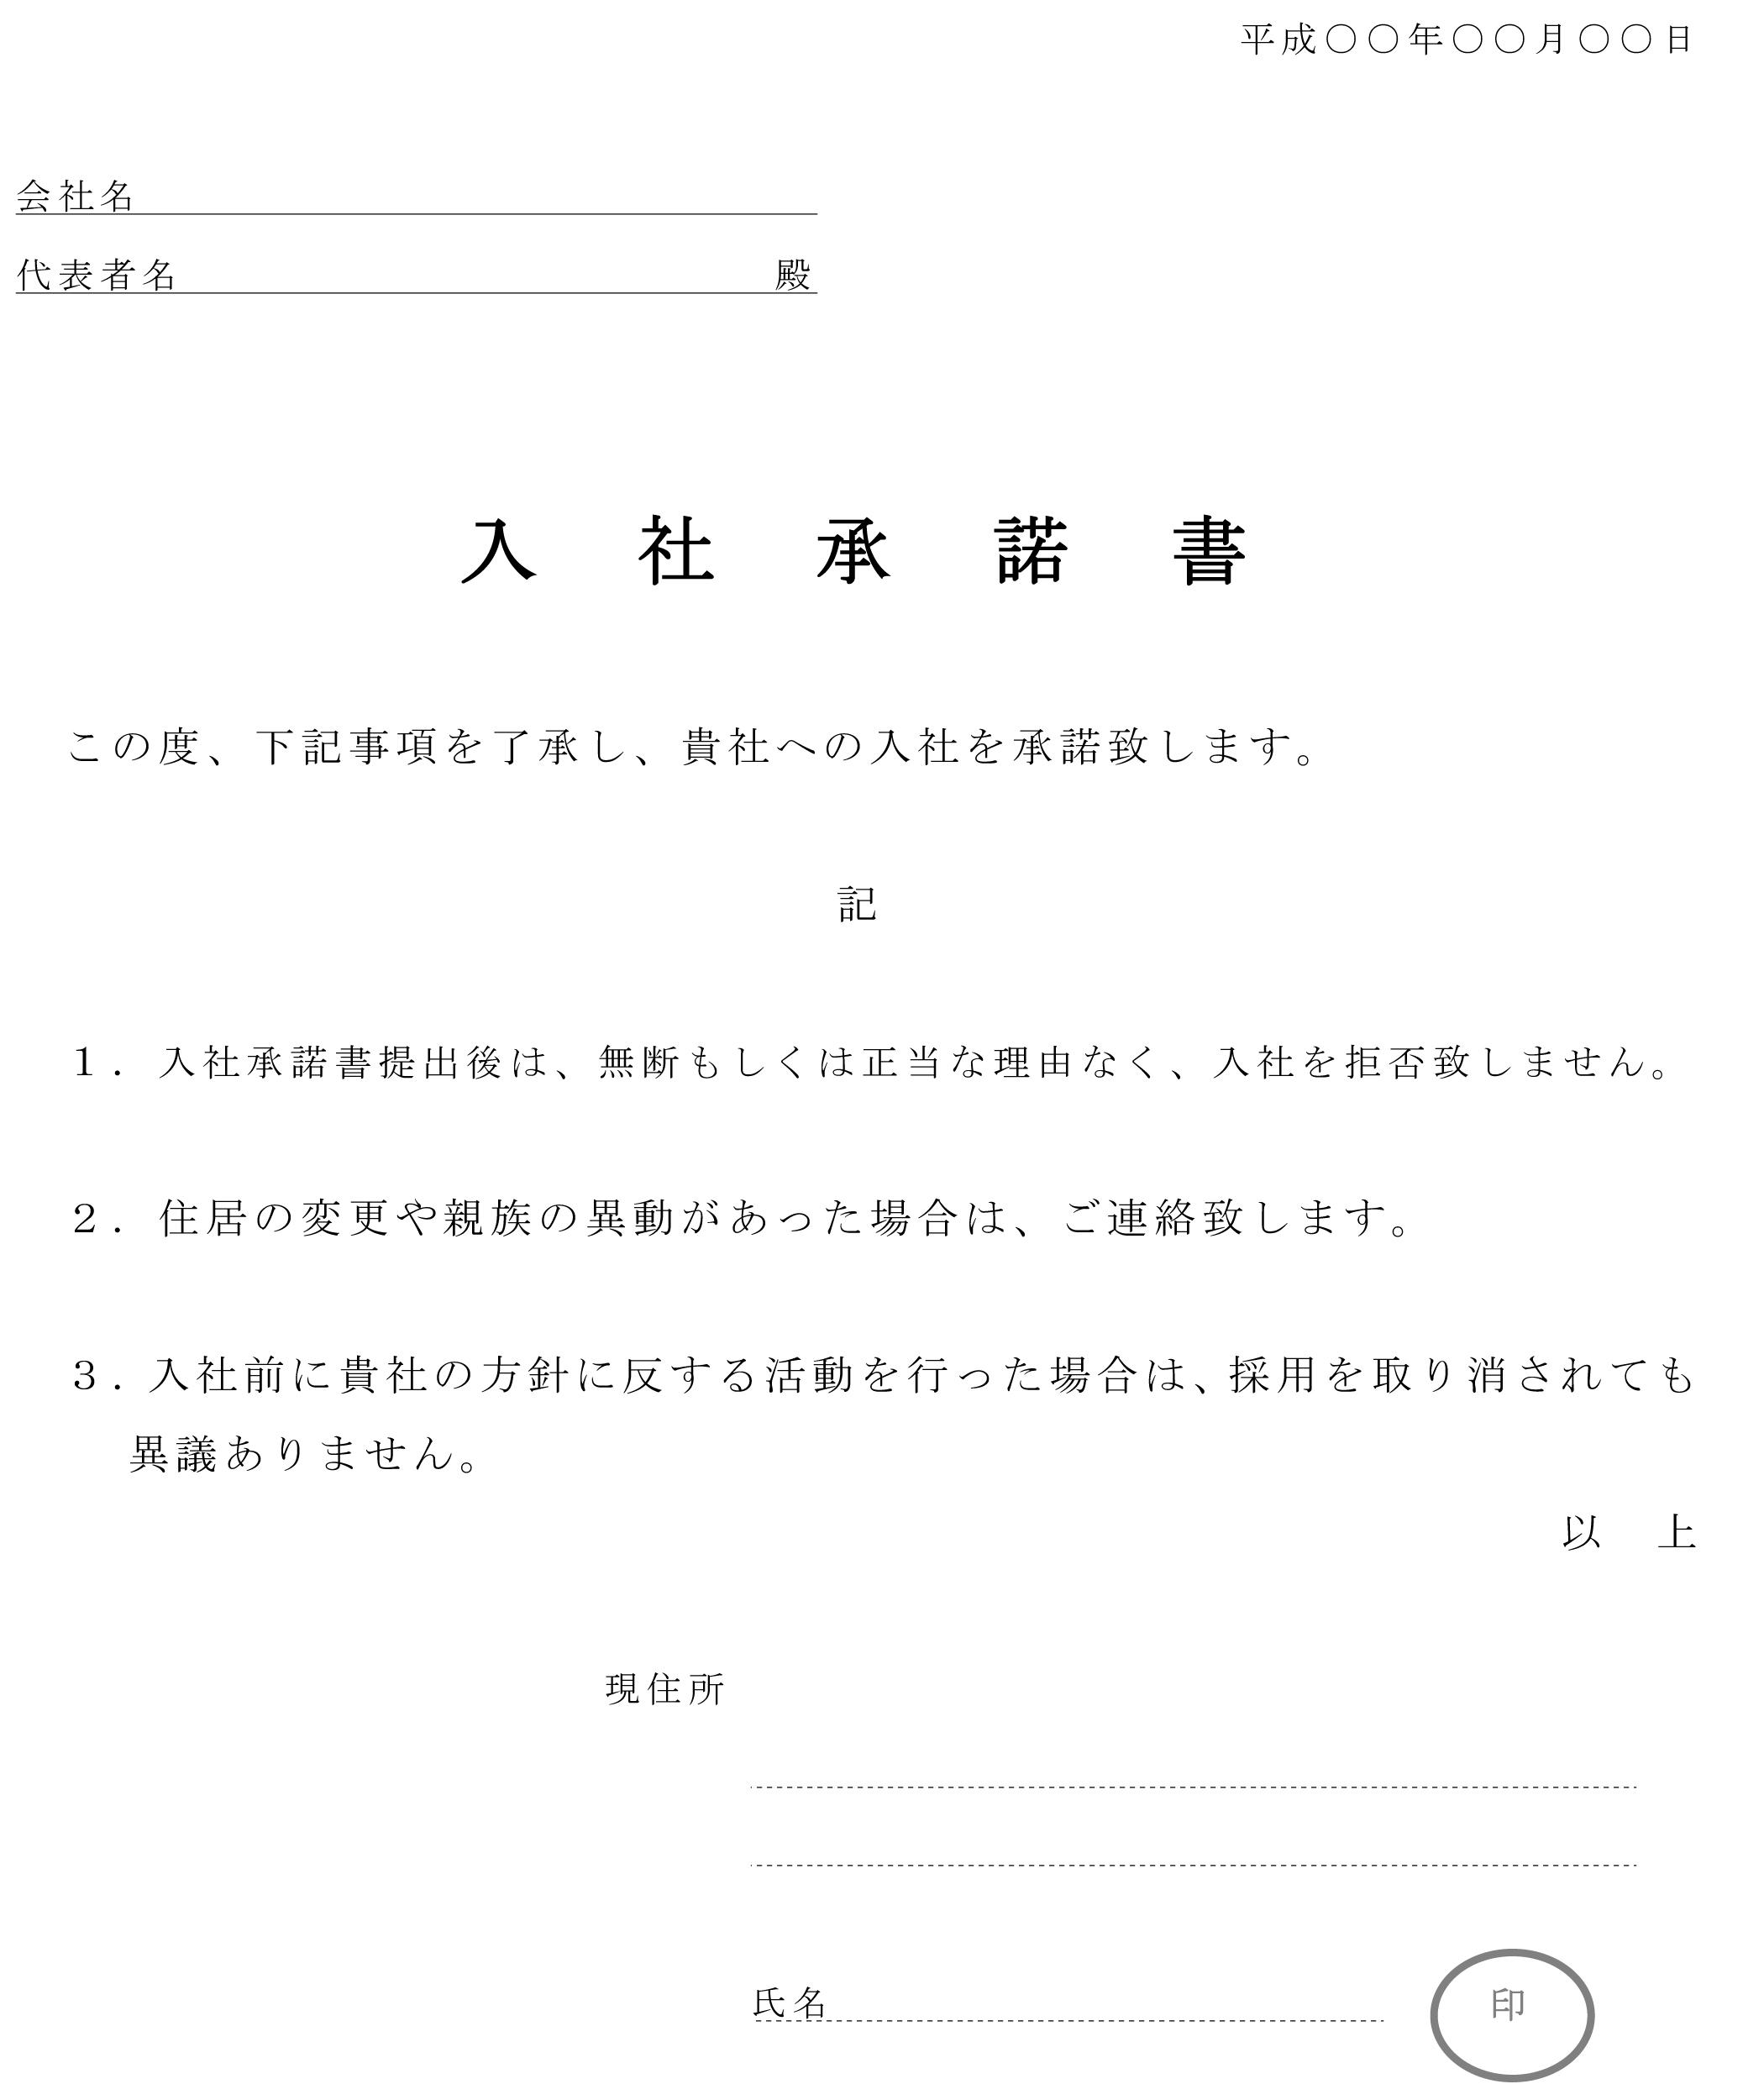 入社承諾書01